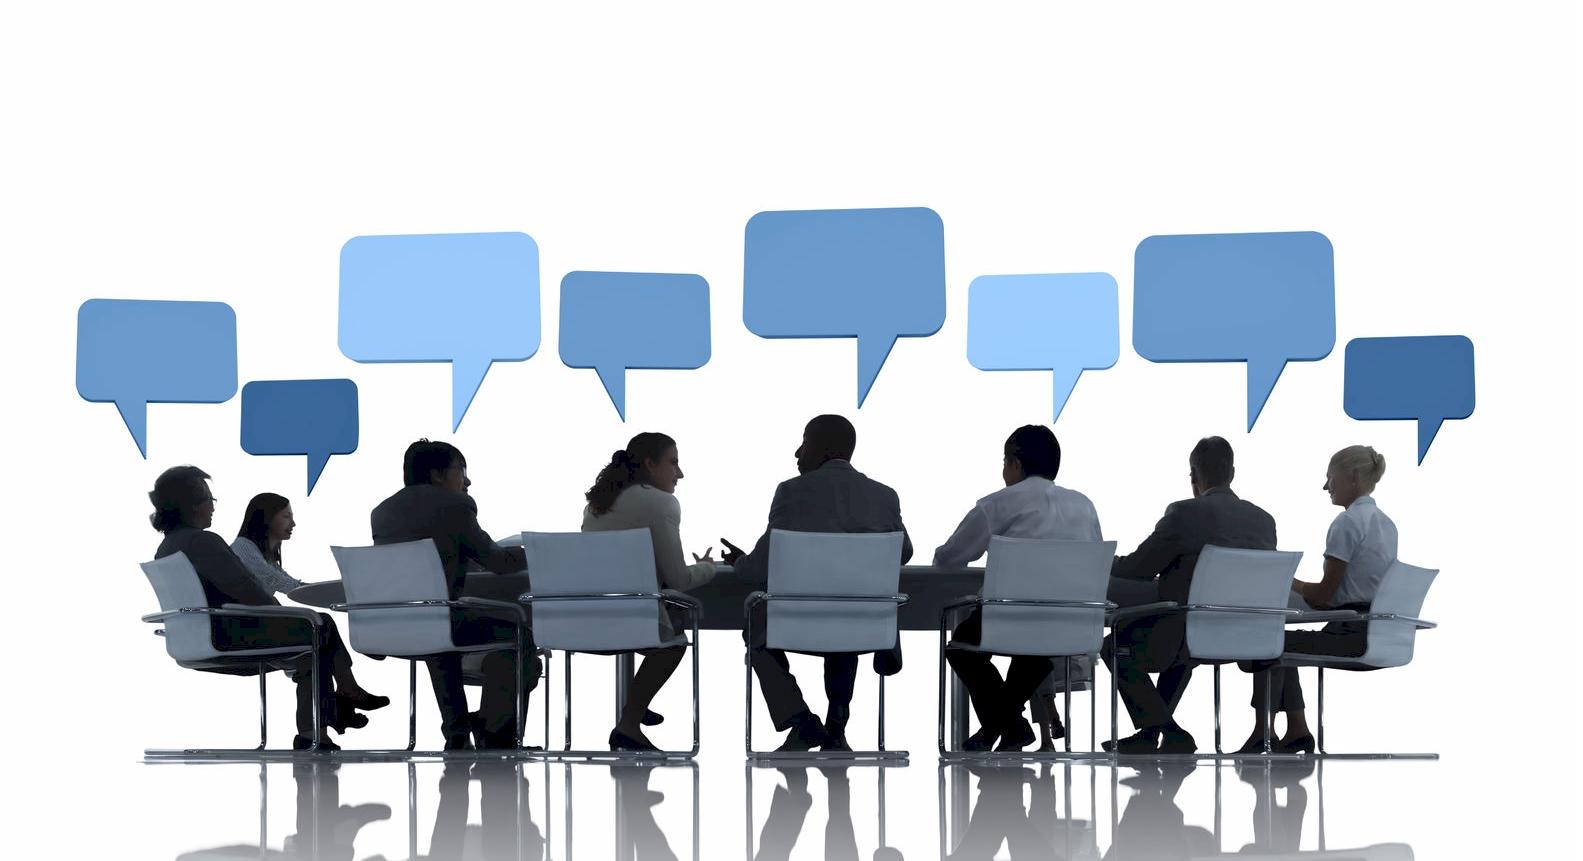 AVT kan voor u de opname van een vergadering of interview uitwerken met spraakherkenning